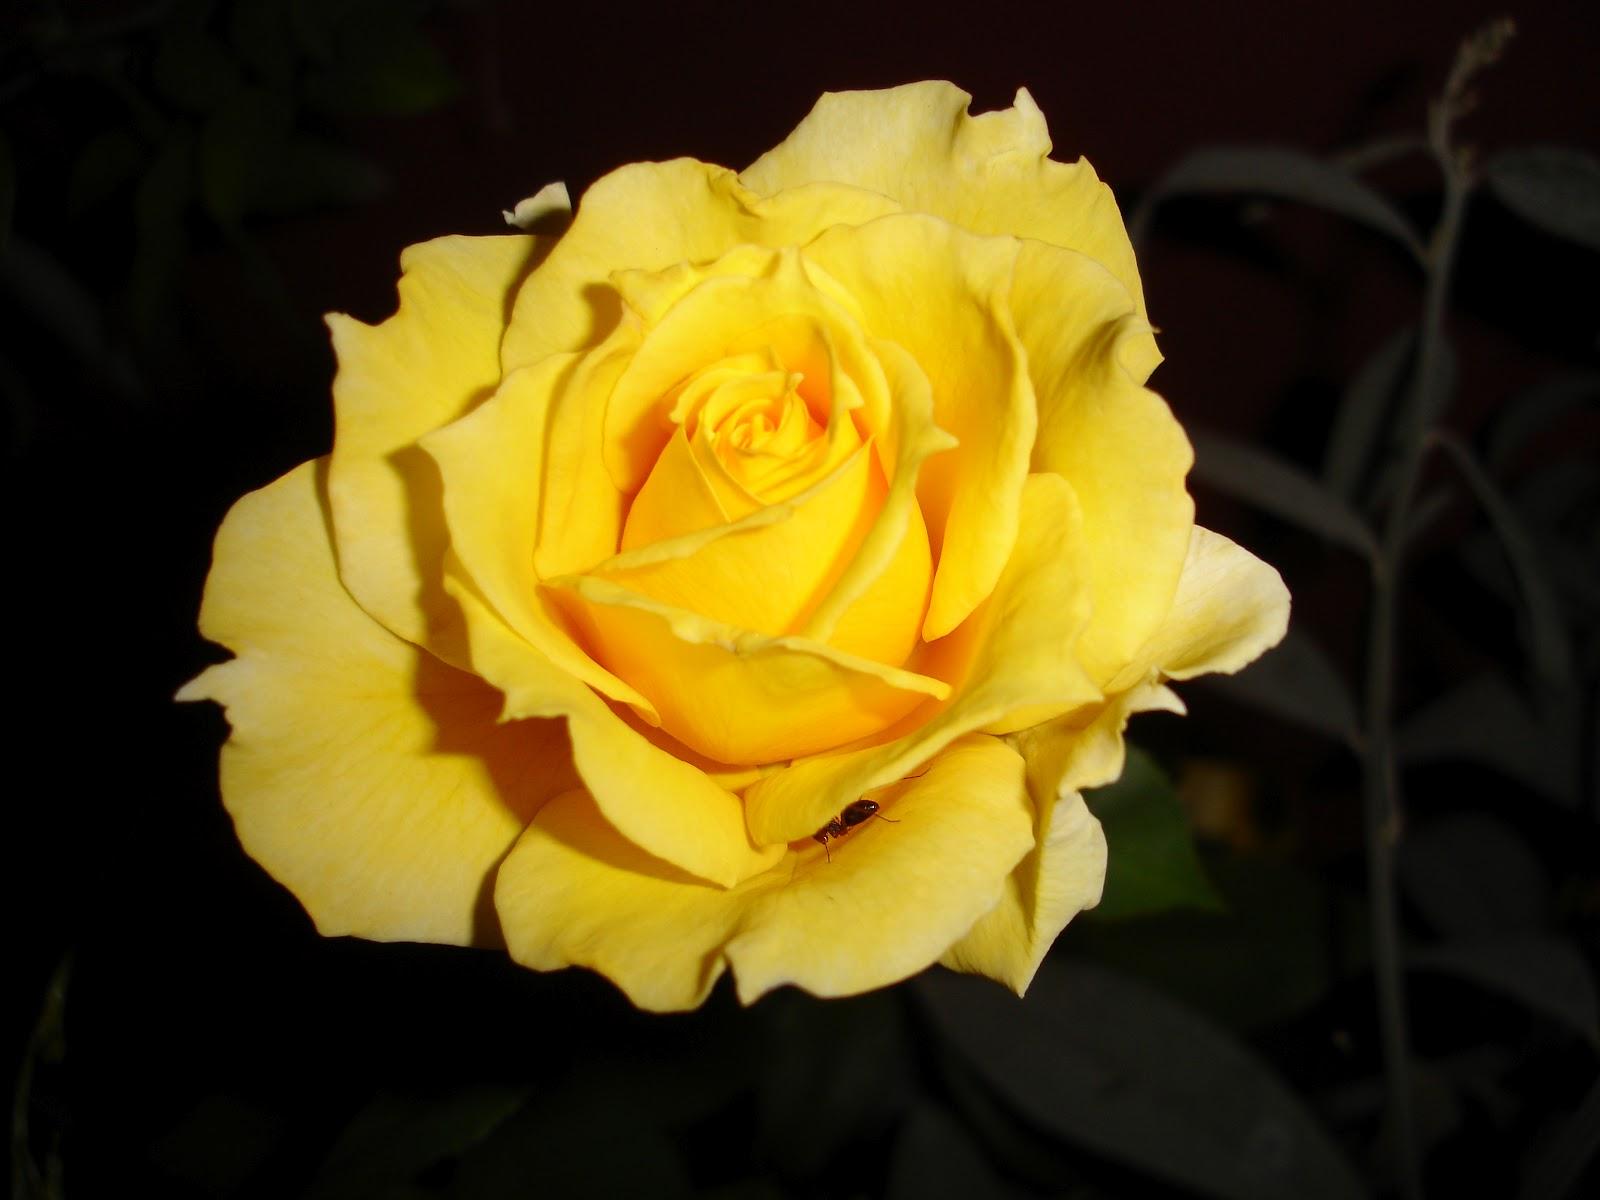 jardim rosas amarelas : jardim rosas amarelas:Elas compartilham o espaço (aéreo) com crotalária e labe-labe. Mas